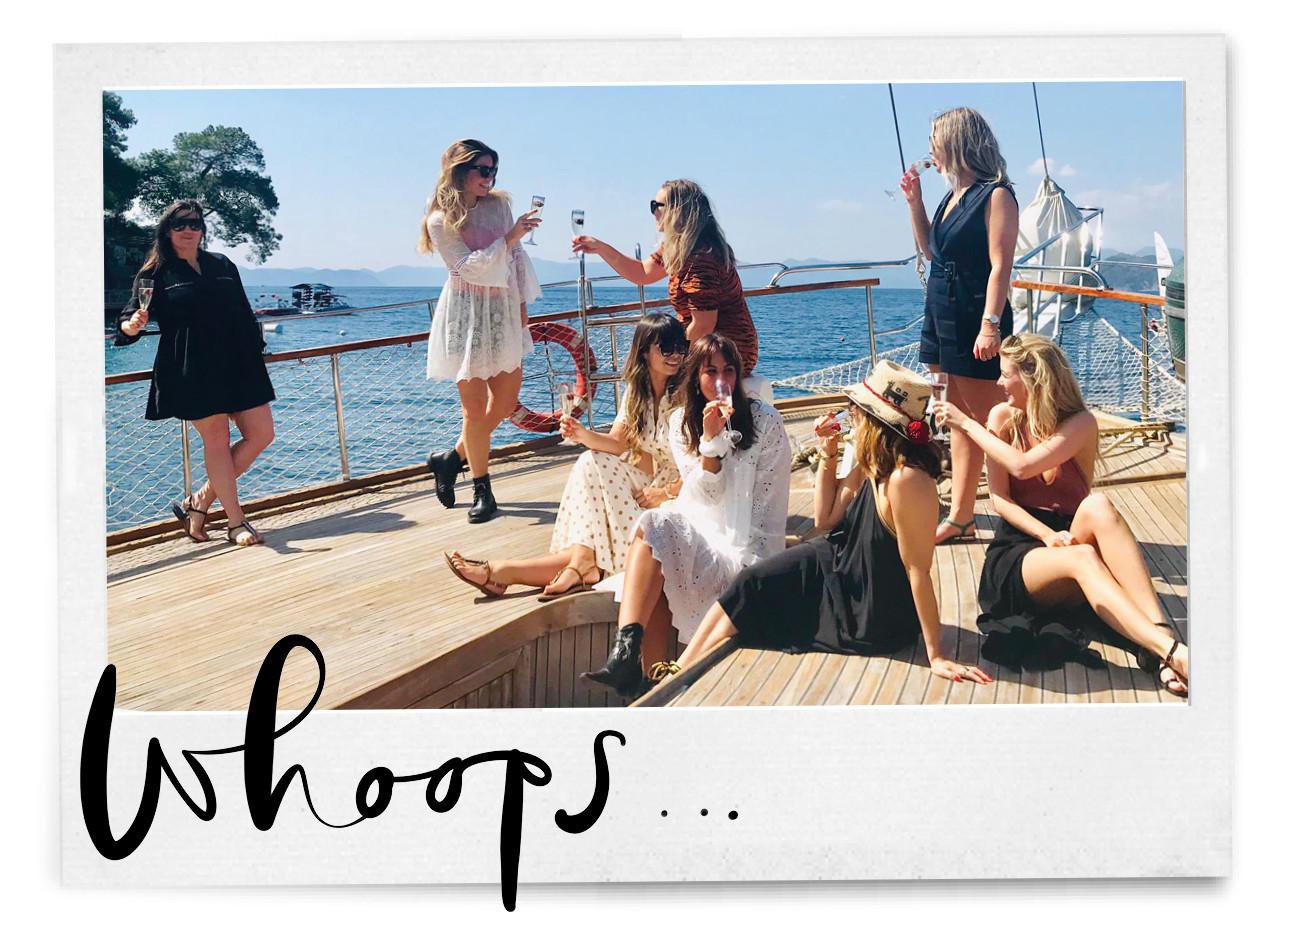 Team amazing met een wijntje op het dek van een boot